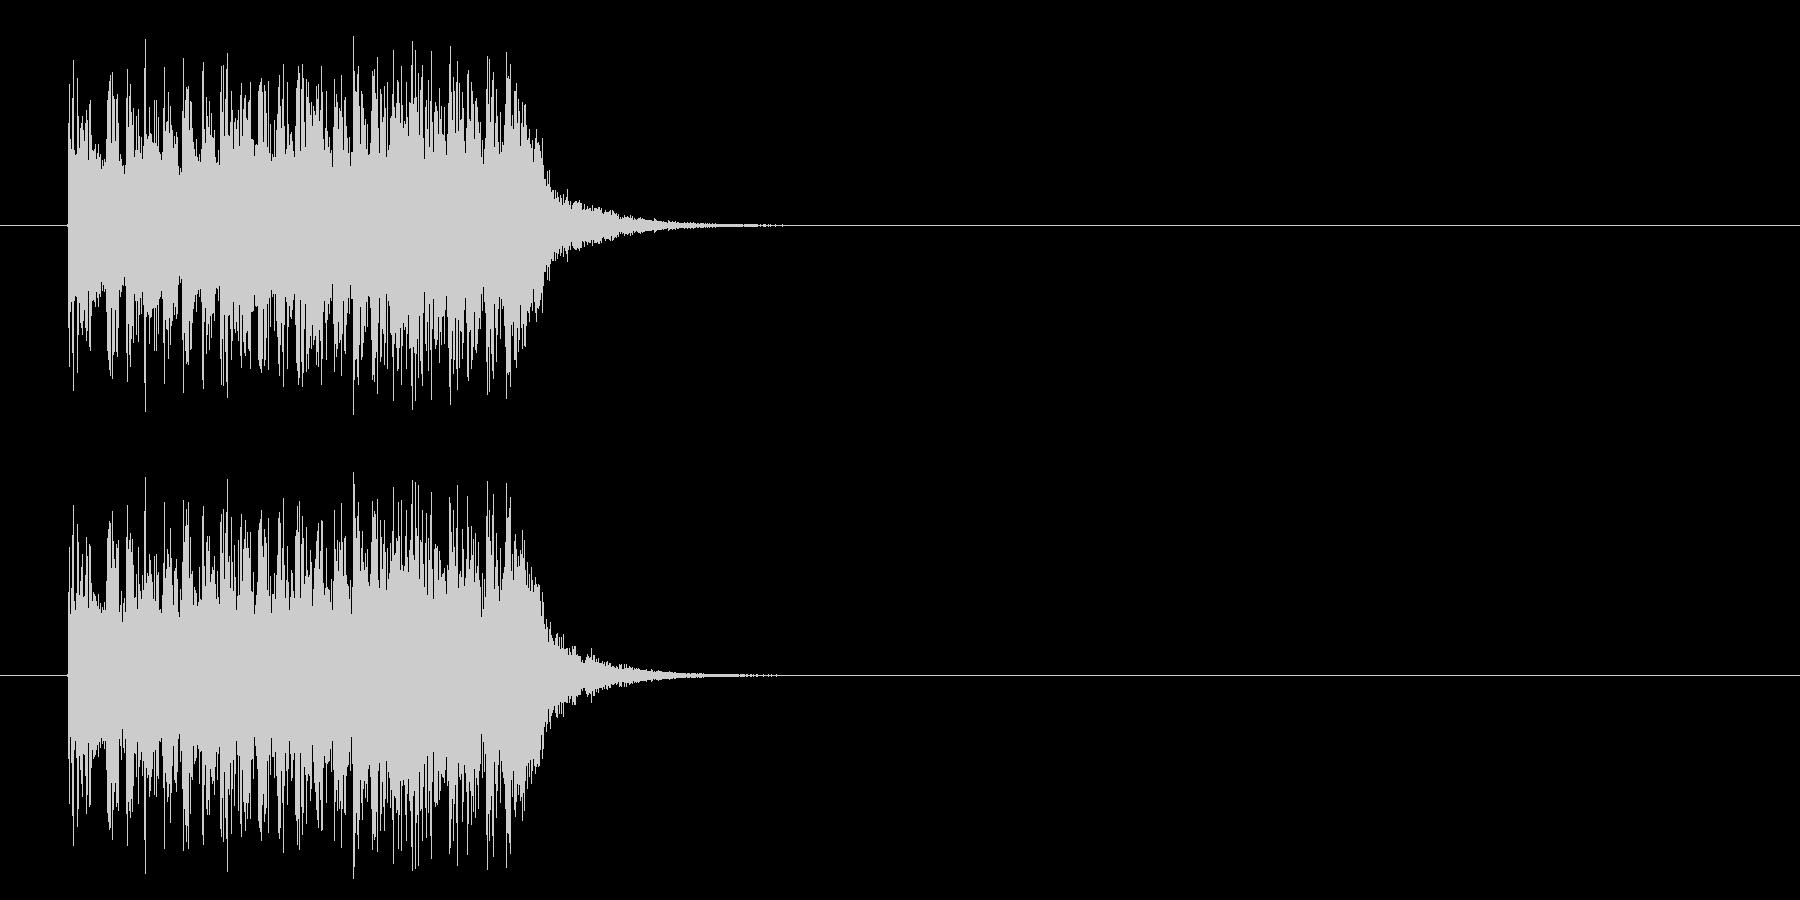 コーナーアタック風ポップのジングルの未再生の波形